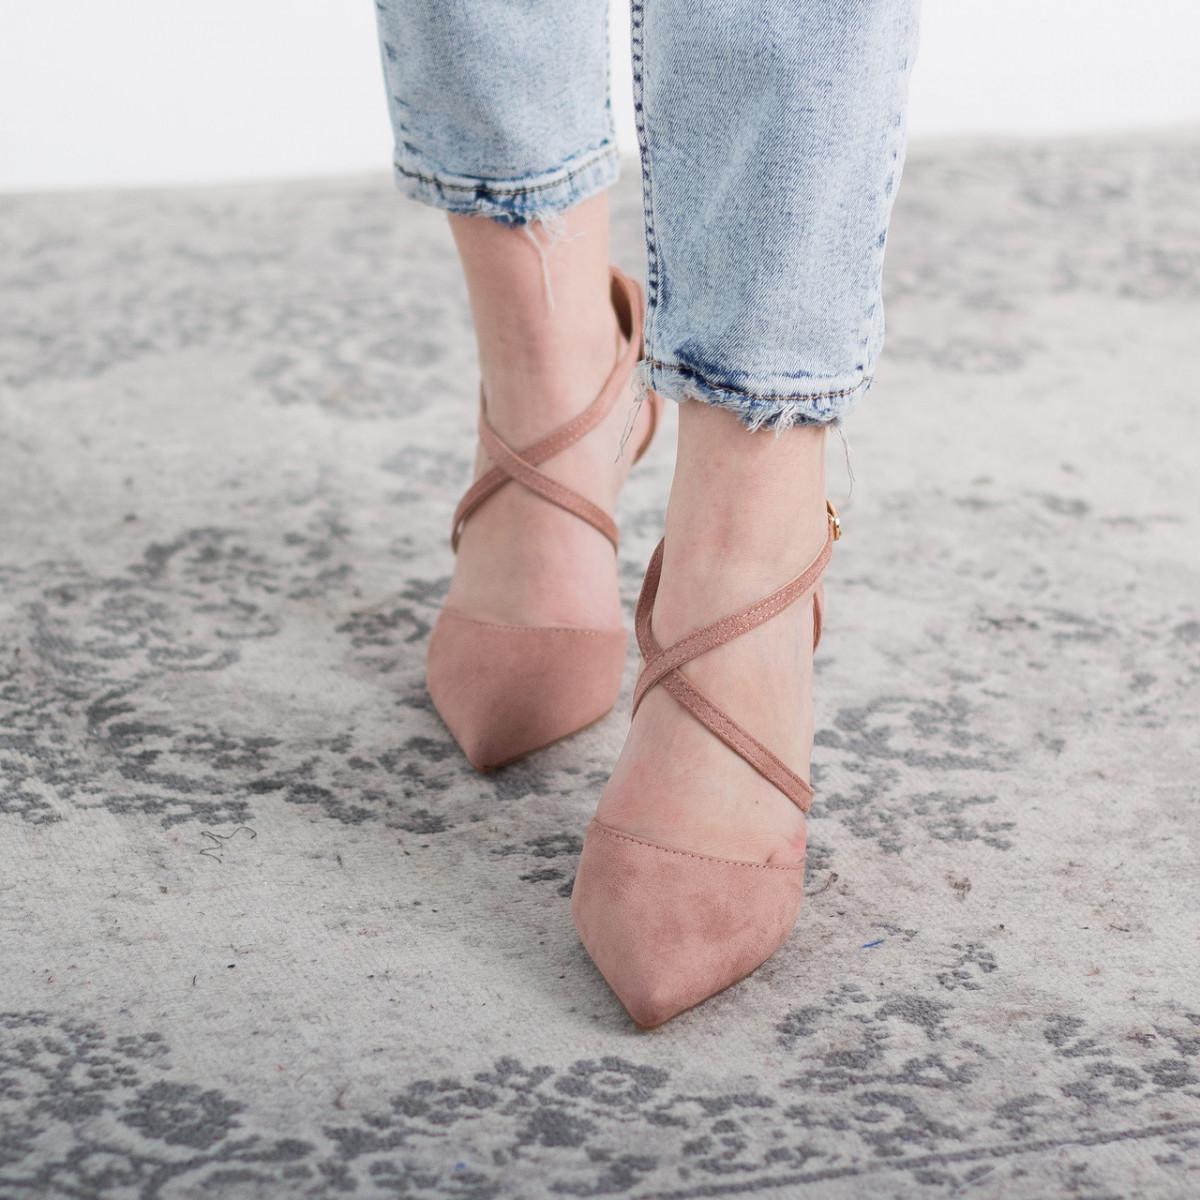 Туфлі жіночі Fashion Jace 2642 36 розмір, 23,5 см Рожевий 38